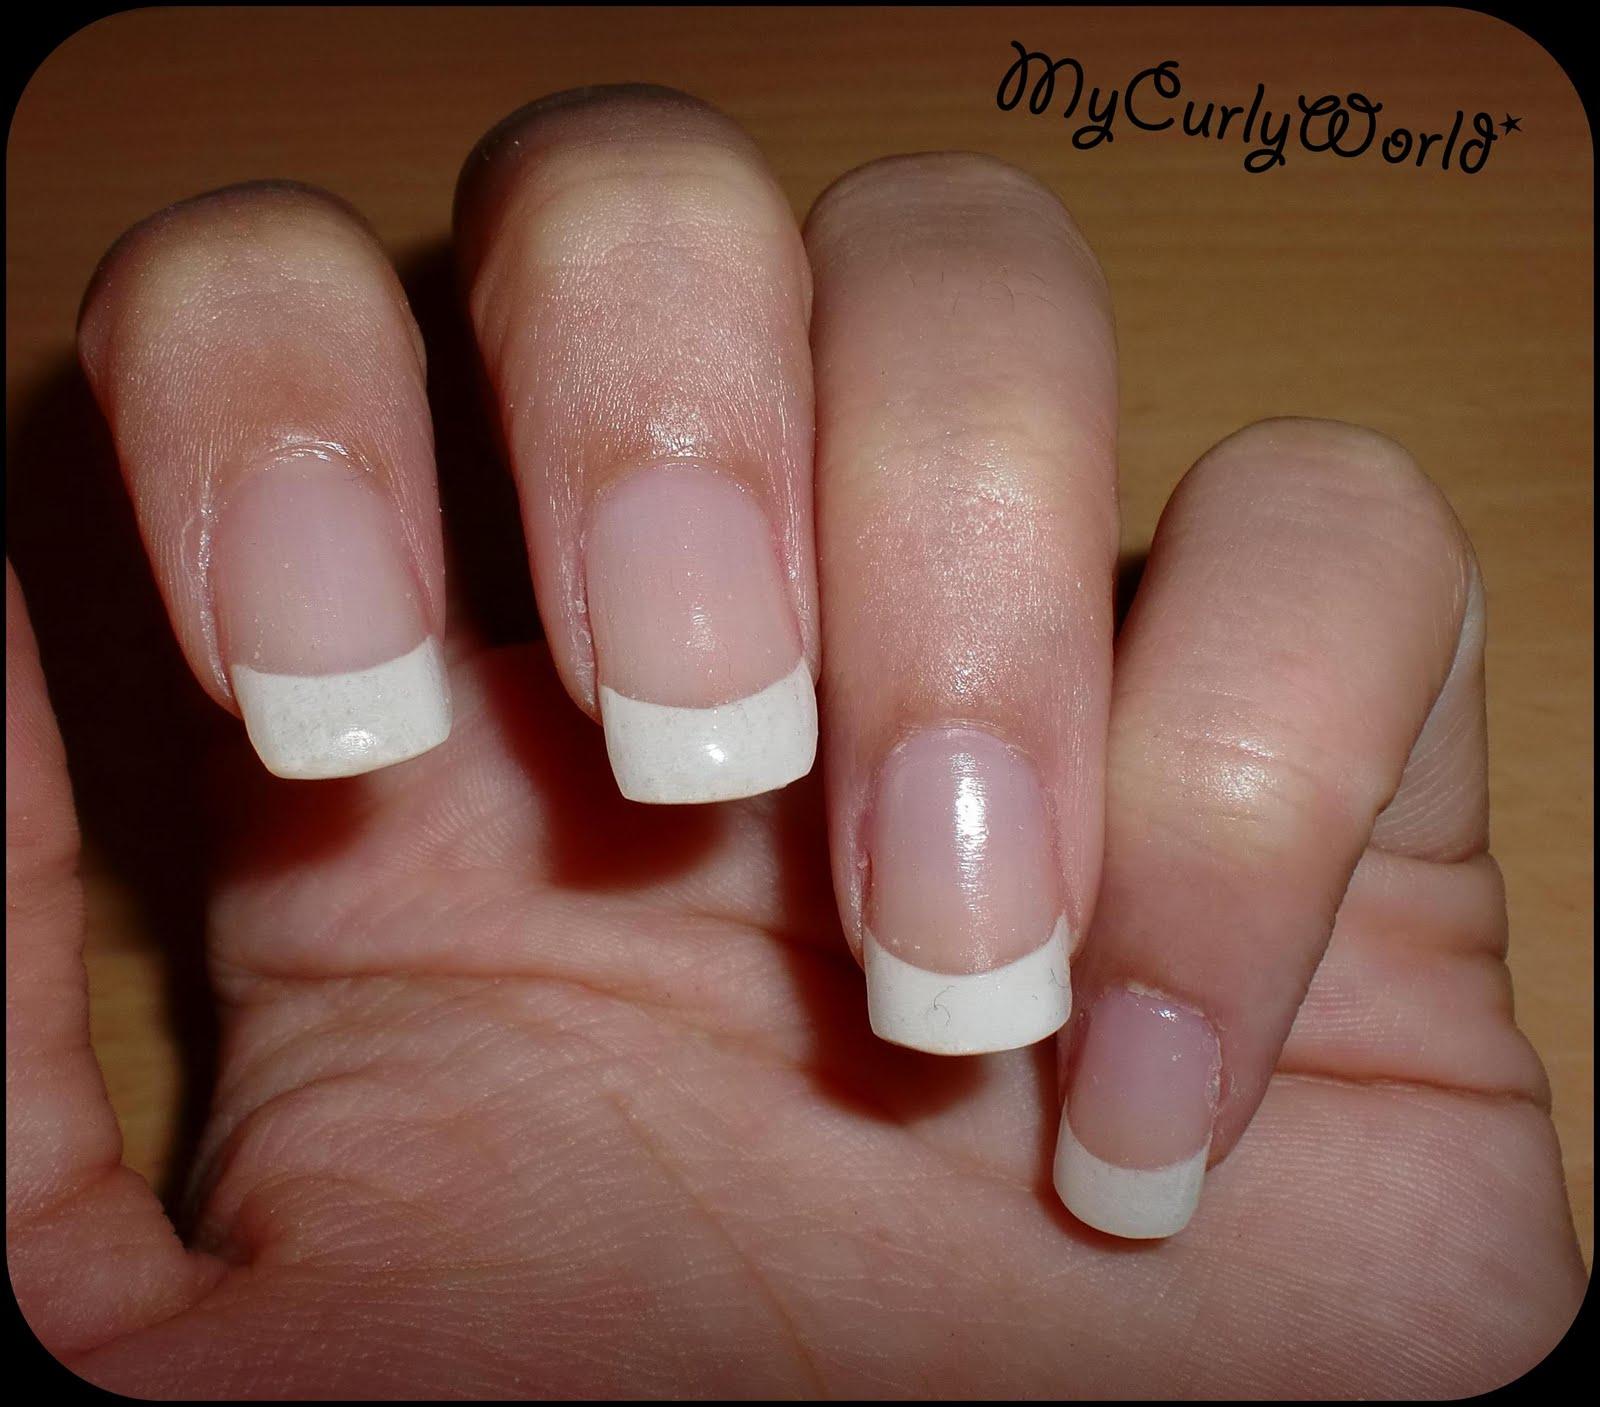 Decoraciones de uñas de gel   DecoracionesNailArt.com